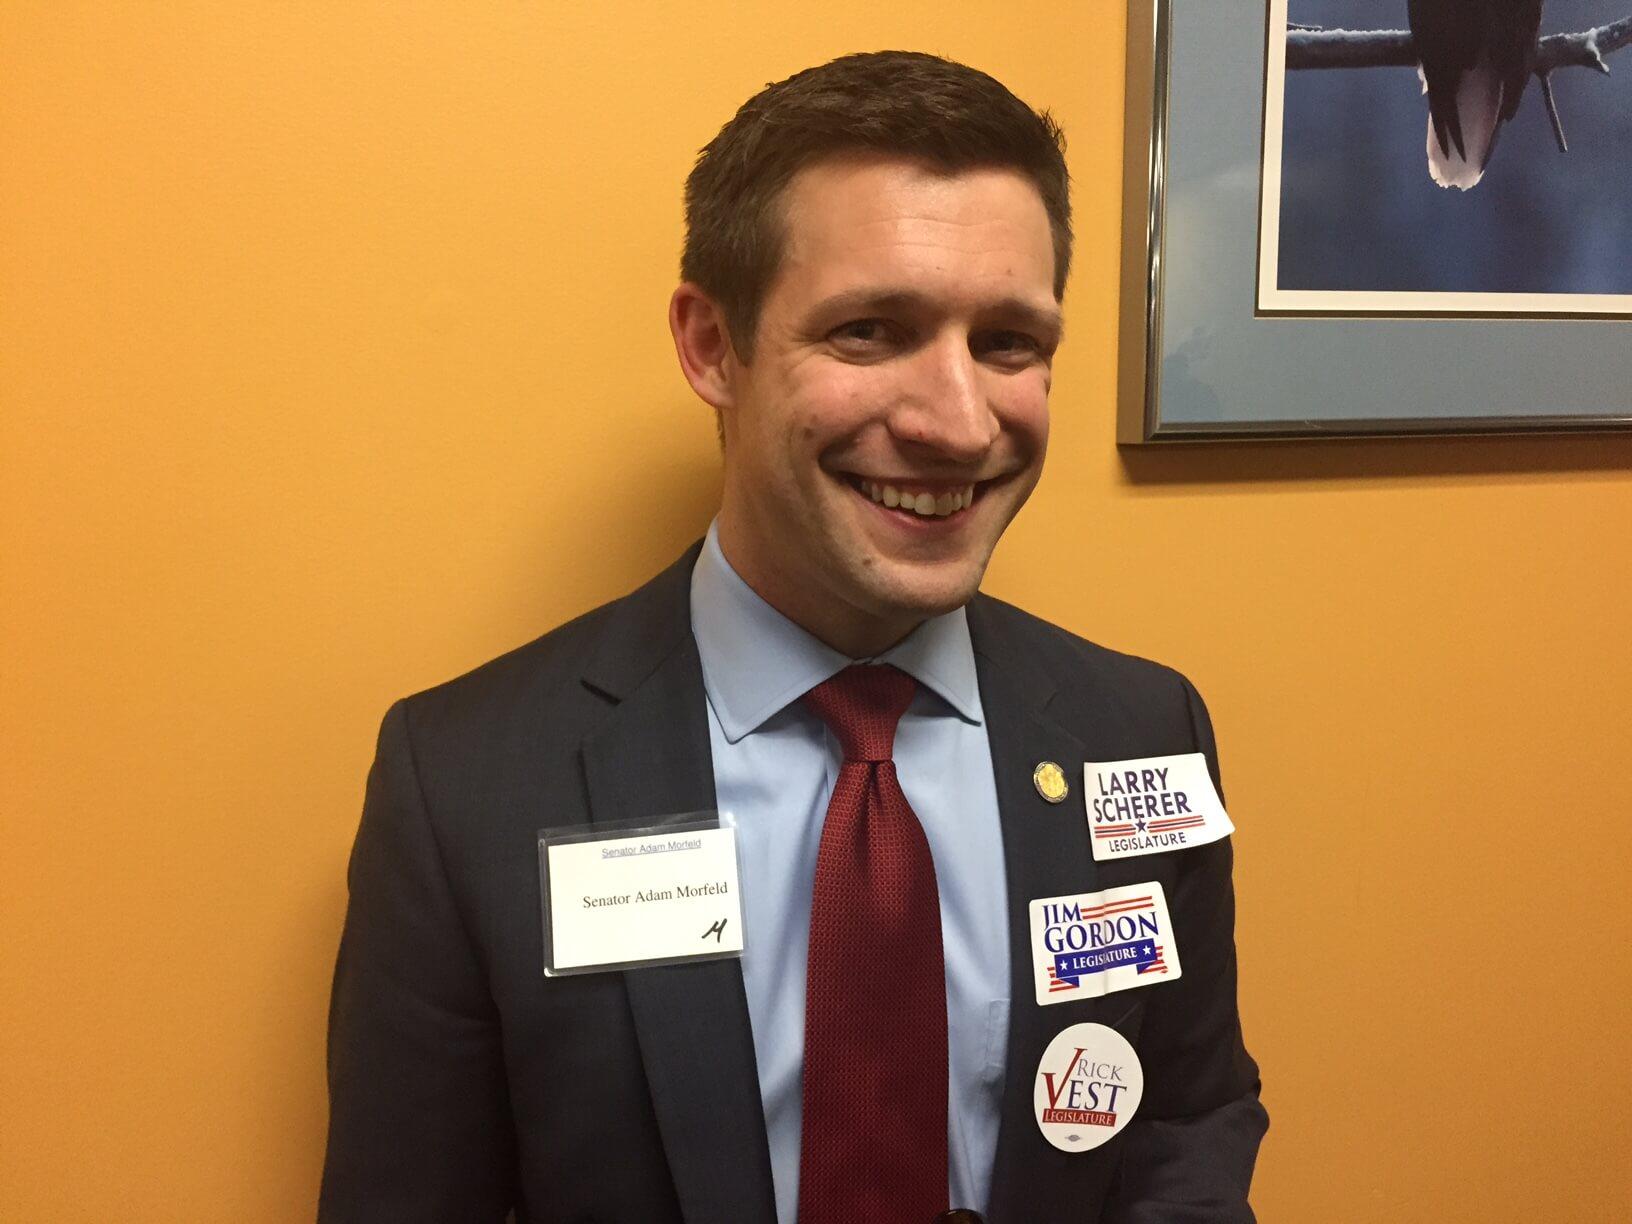 Senator Adam Morfeld, a Clinton endorser